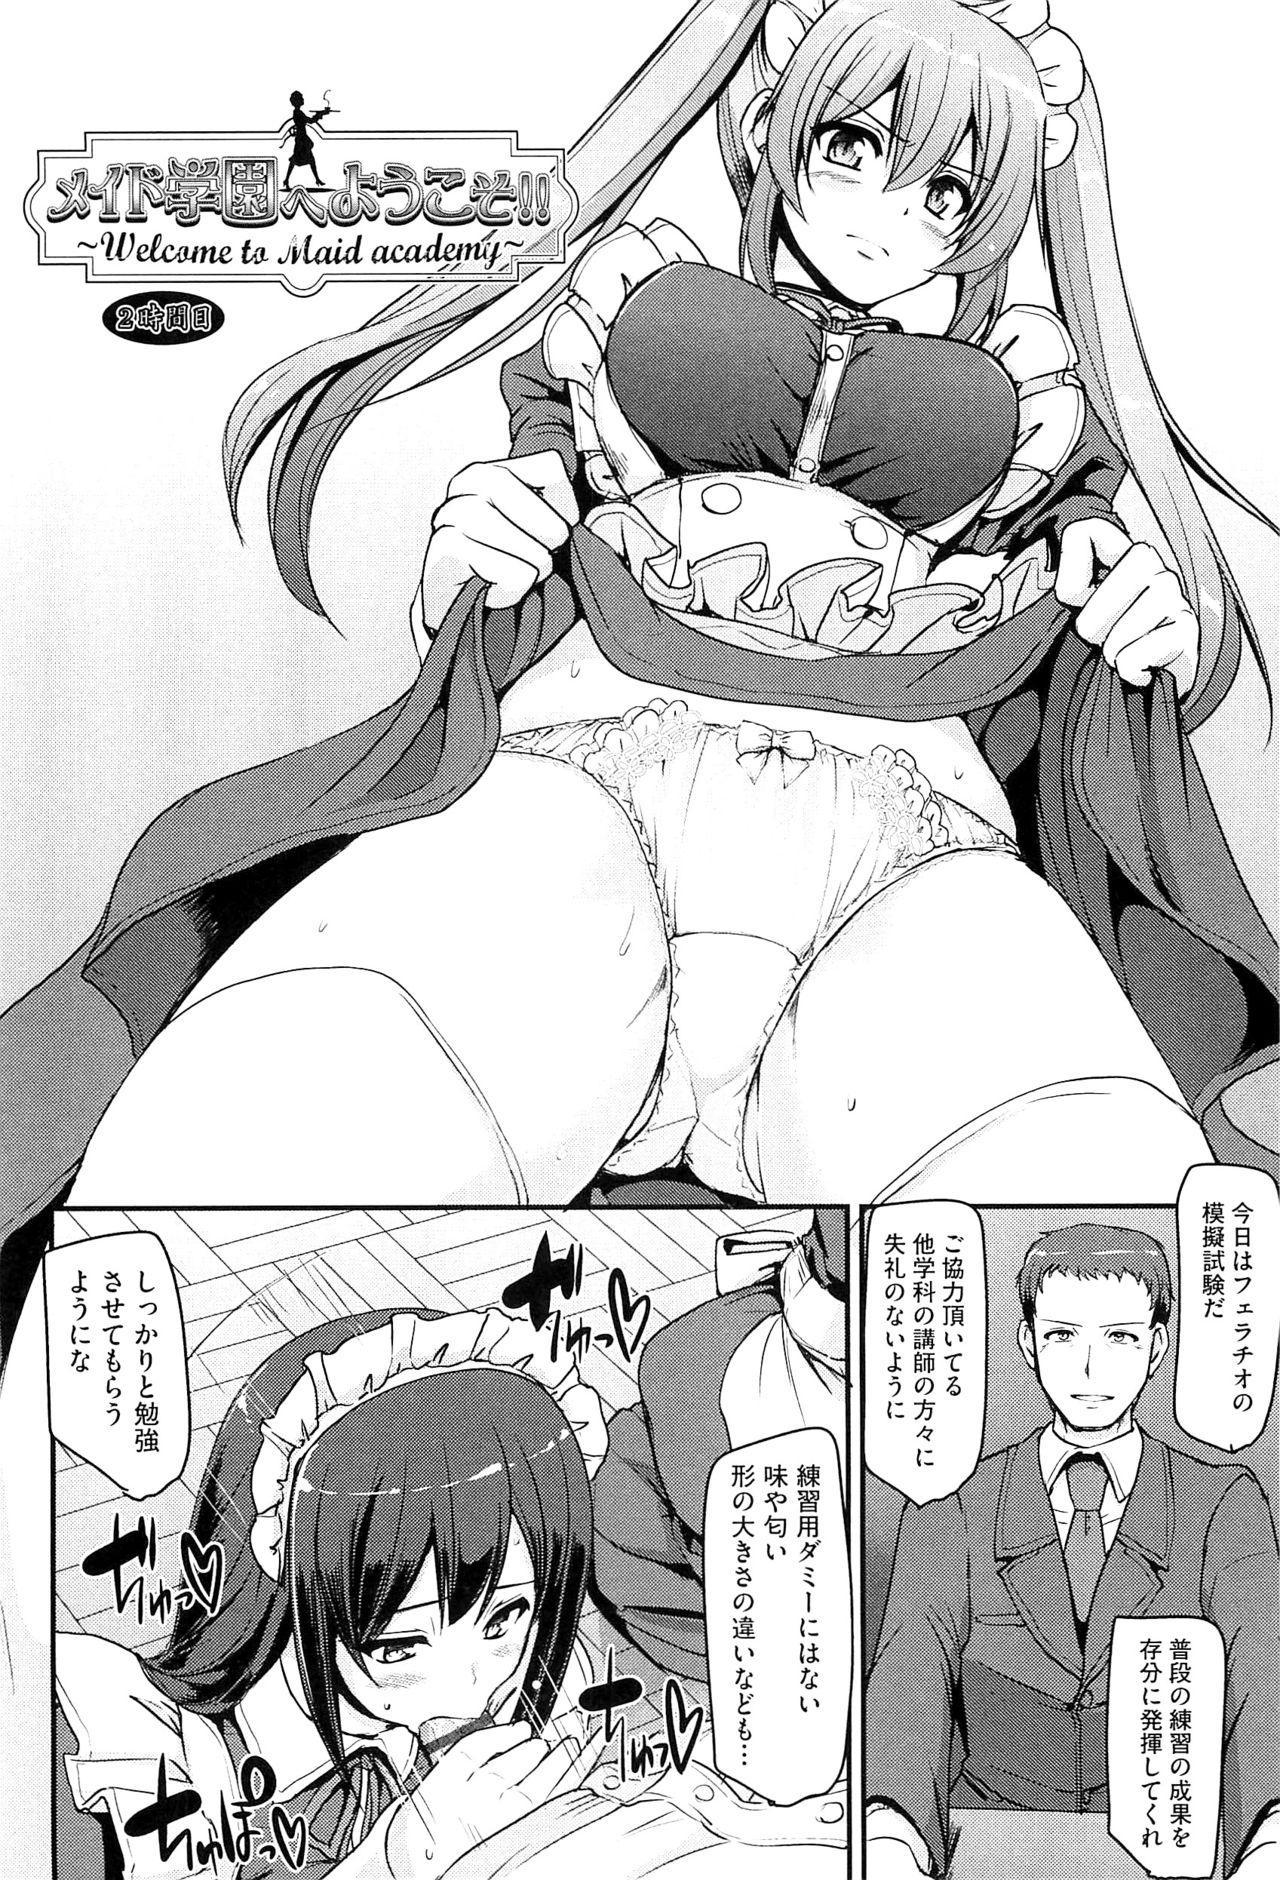 Maid Gakuen e Youkoso!! - Welcome to Maid Academy 45